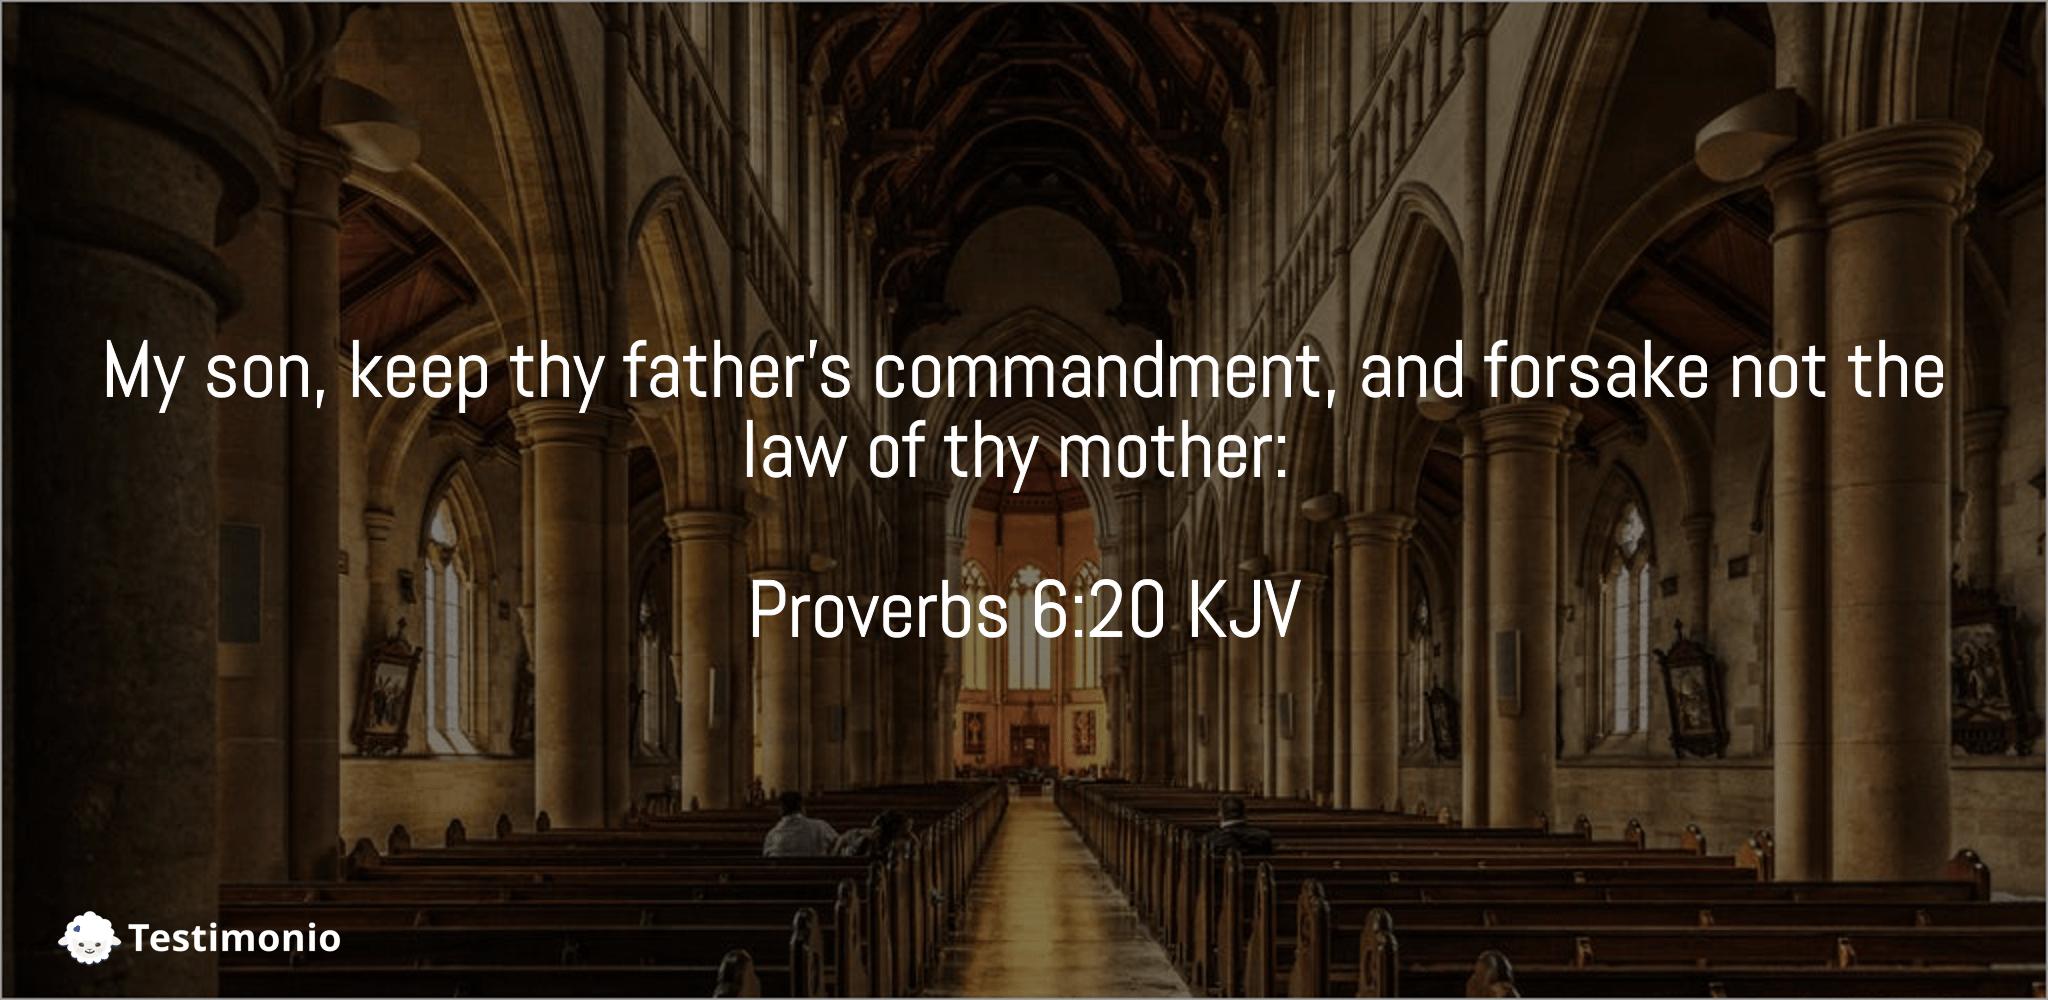 Proverbs 6:20